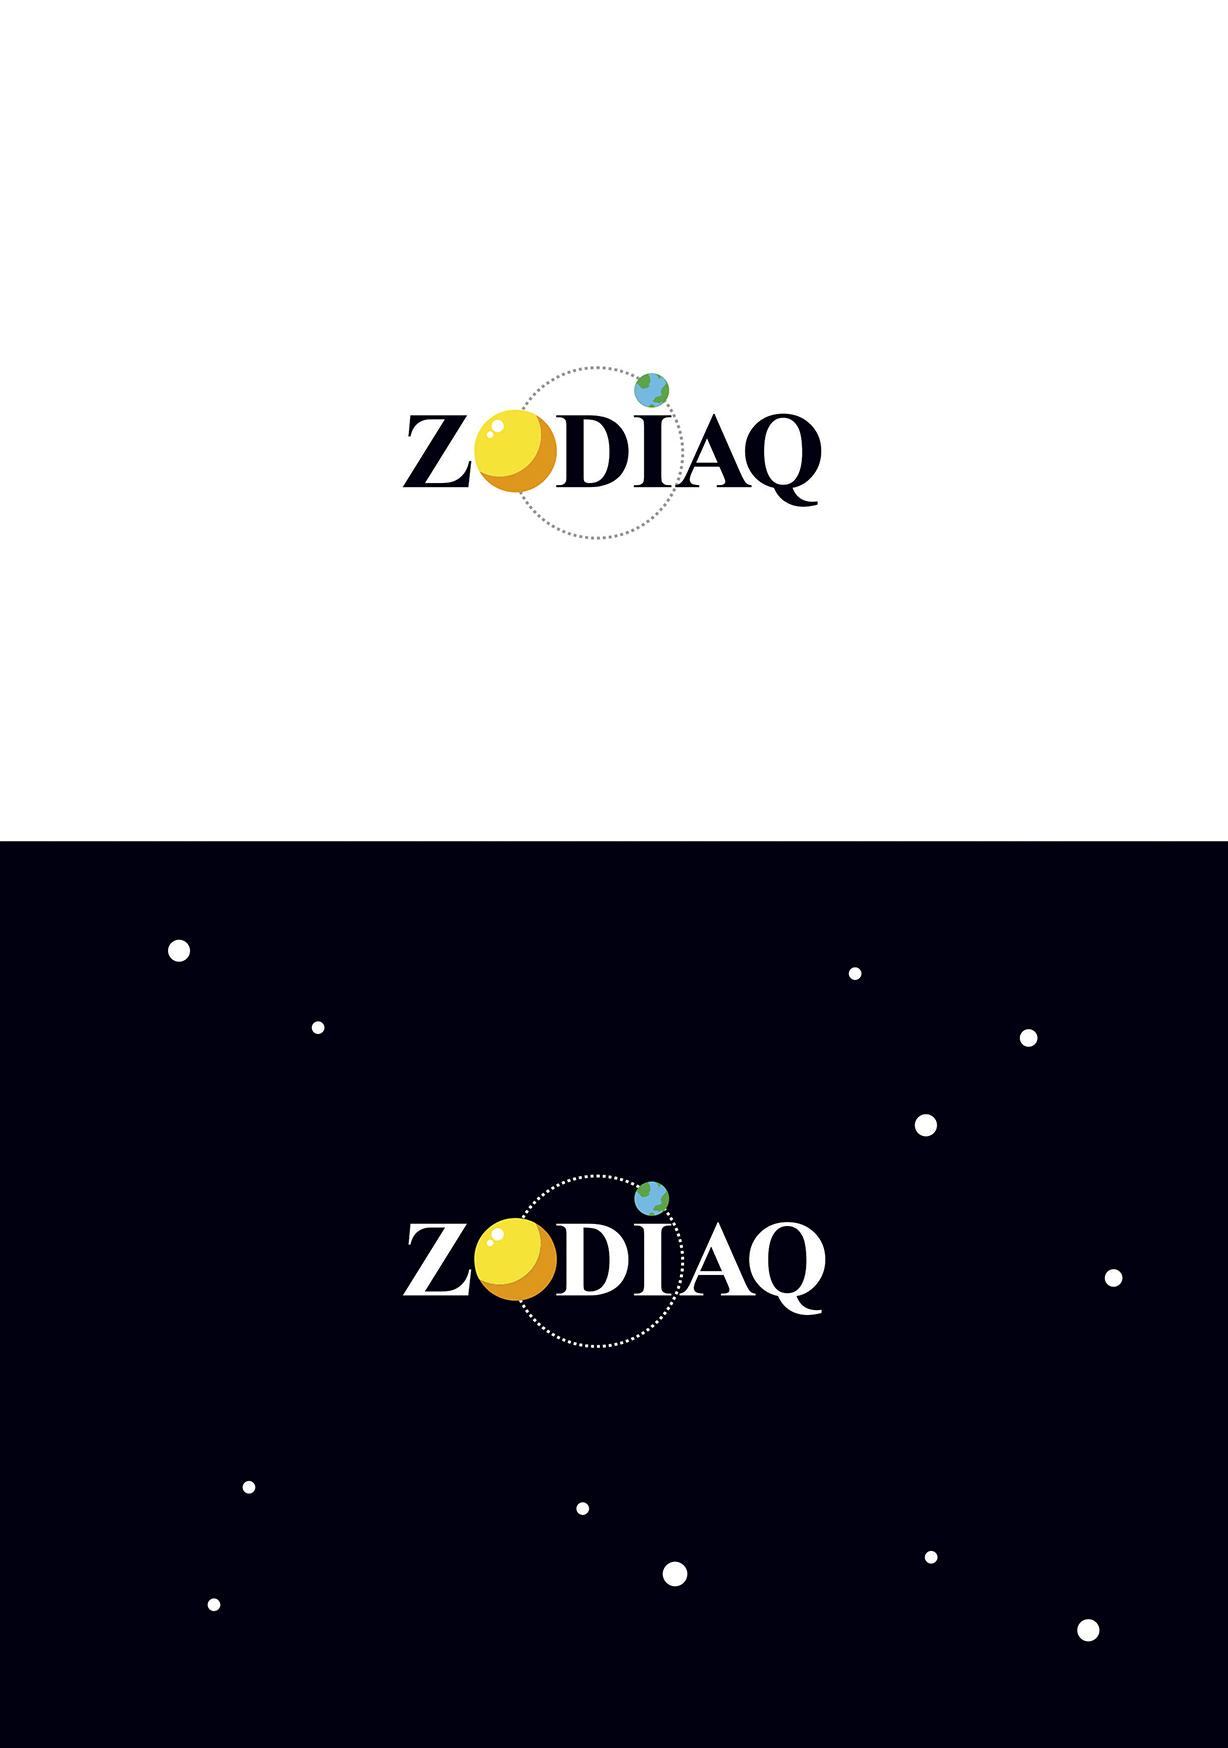 Разработка логотипа и основных элементов стиля фото f_281598dccc278491.jpg